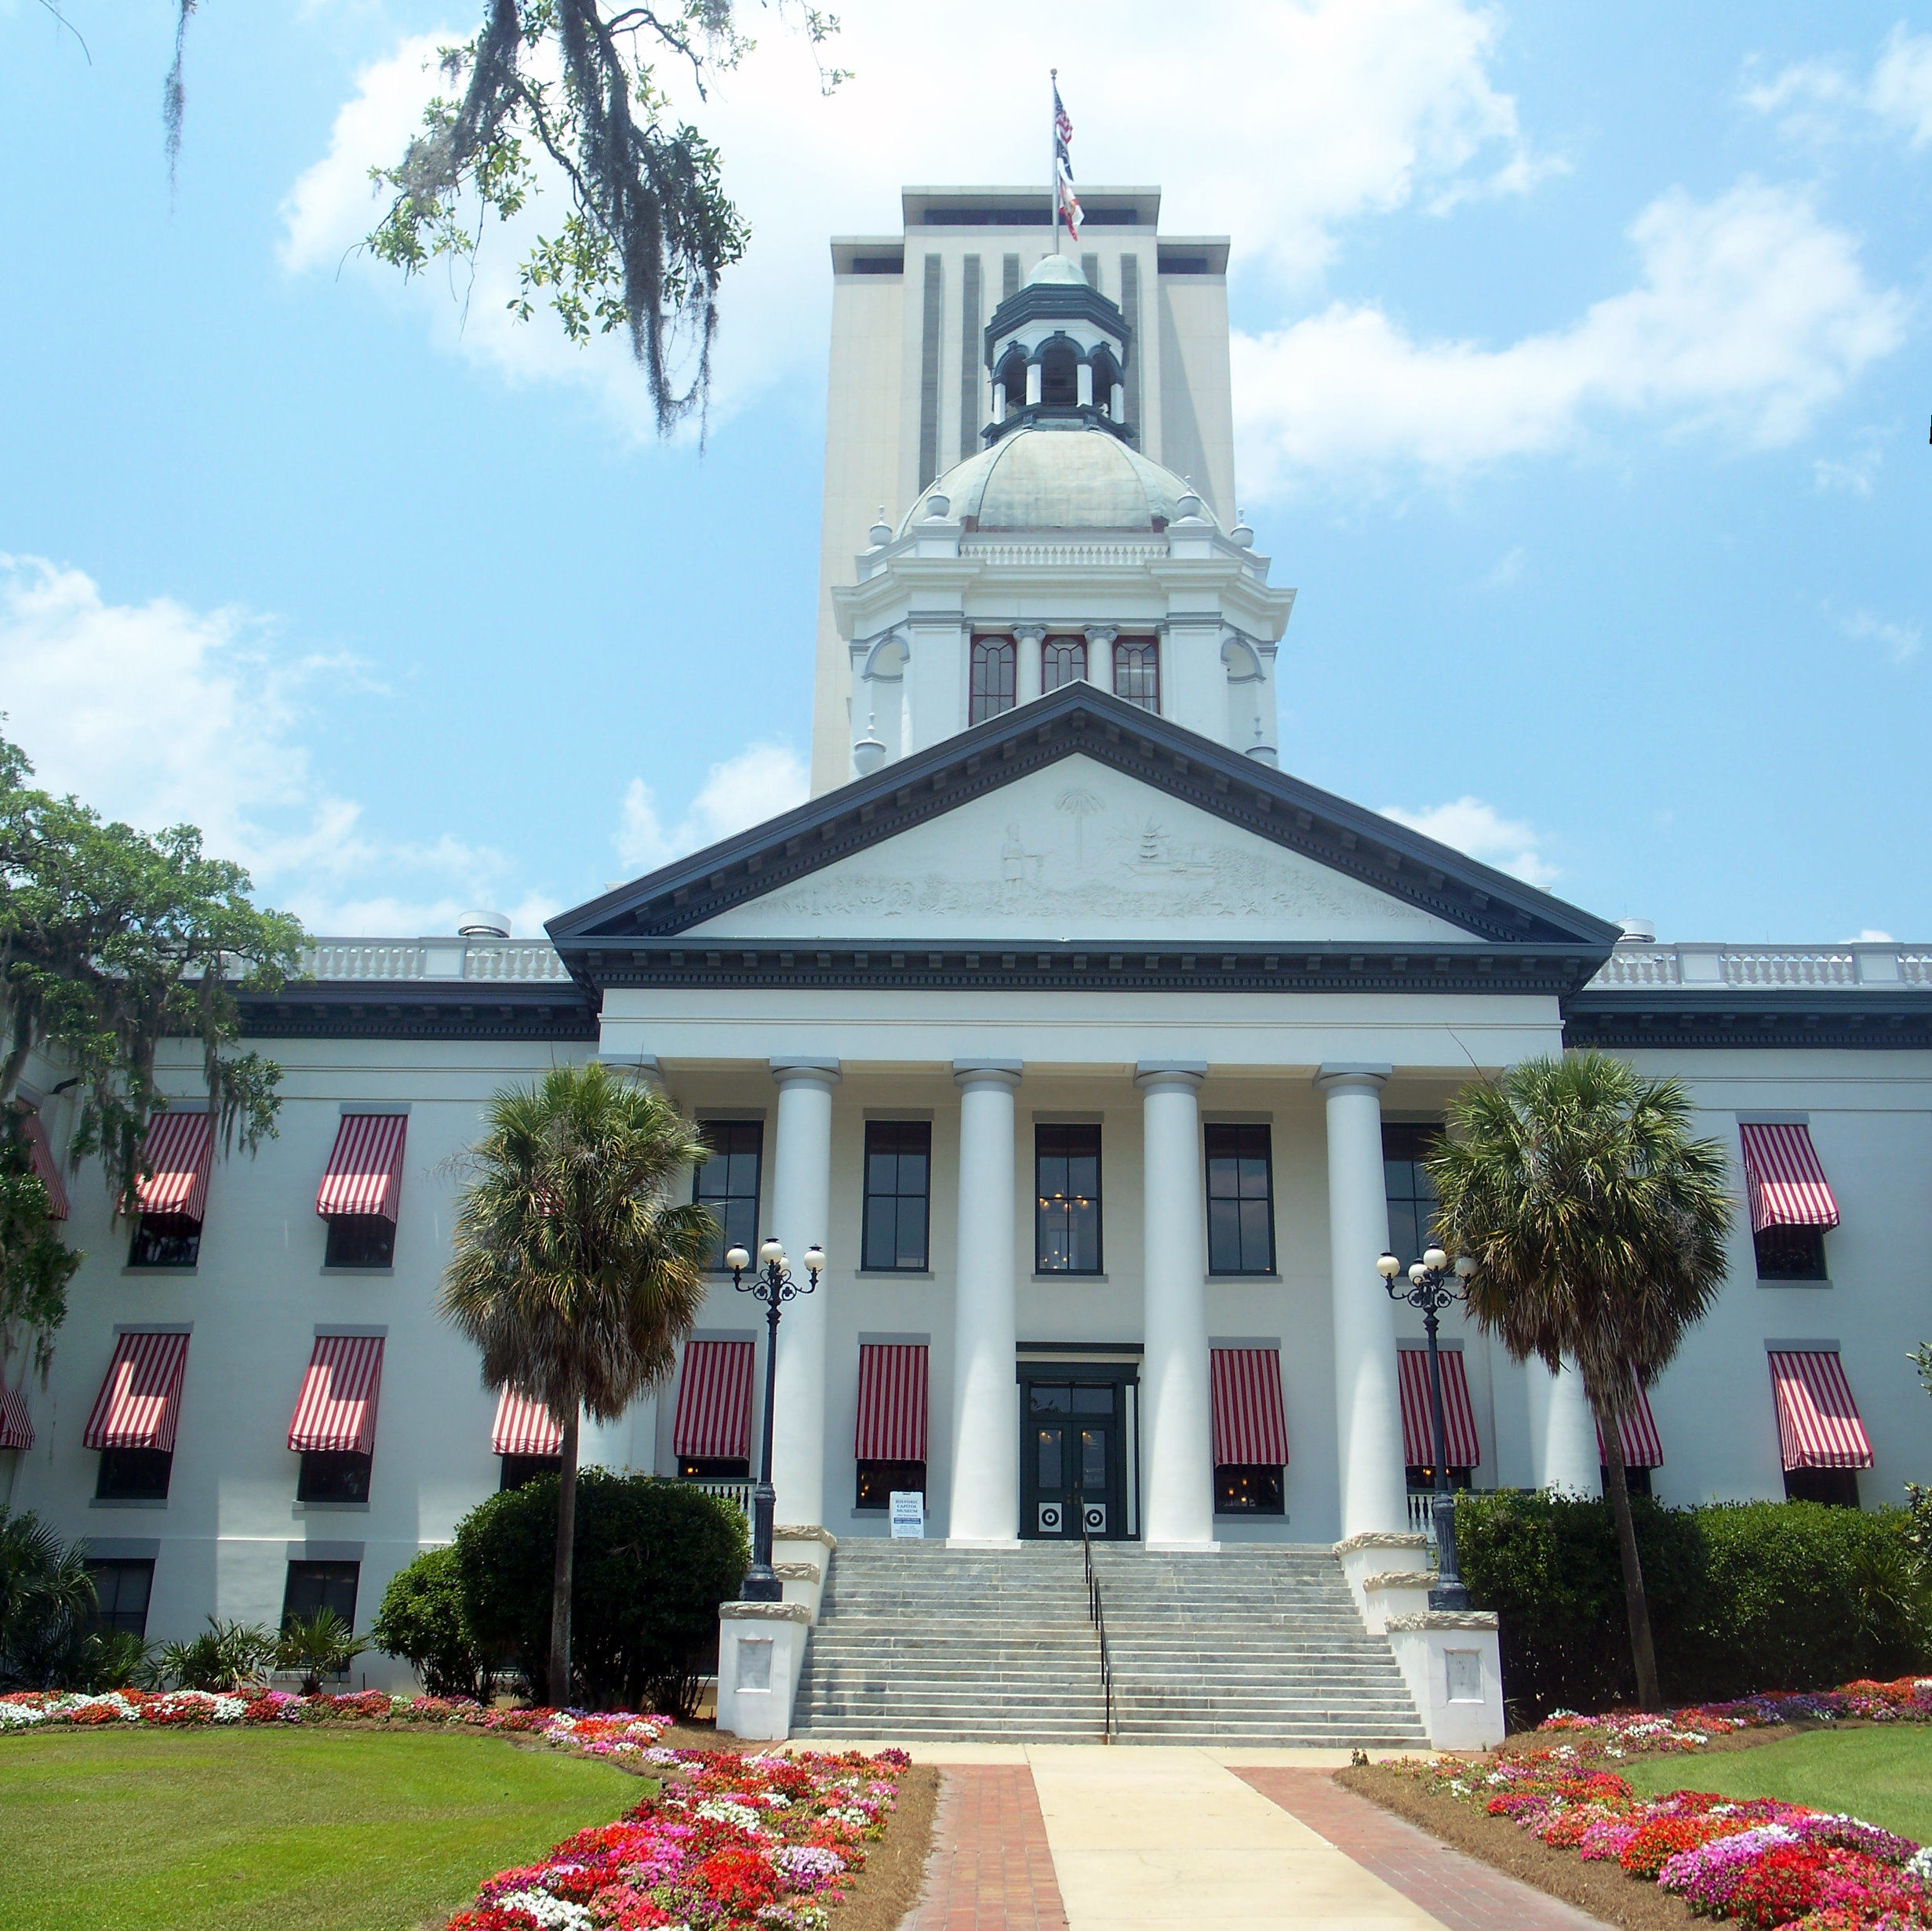 Florida capitol qjbjp4